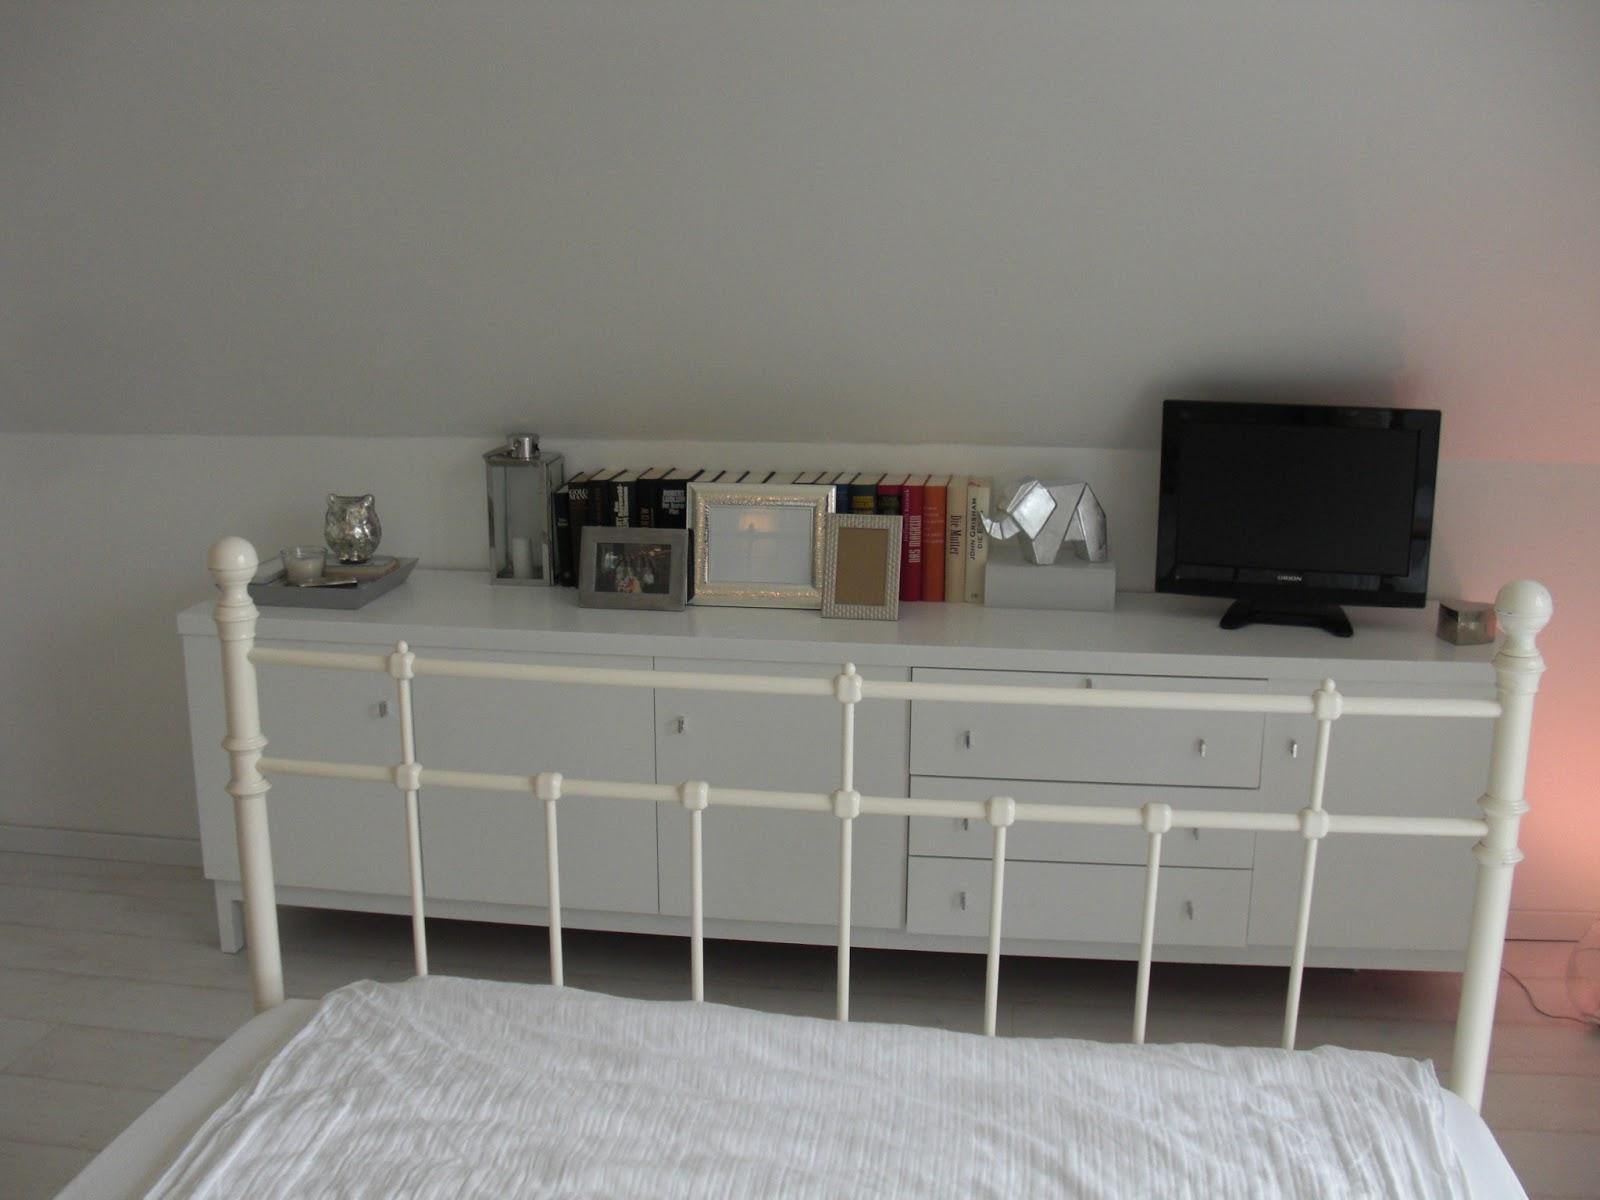 Sideboard Schlafzimmer   8 neues Sideboard im Schlafzimmer JPG